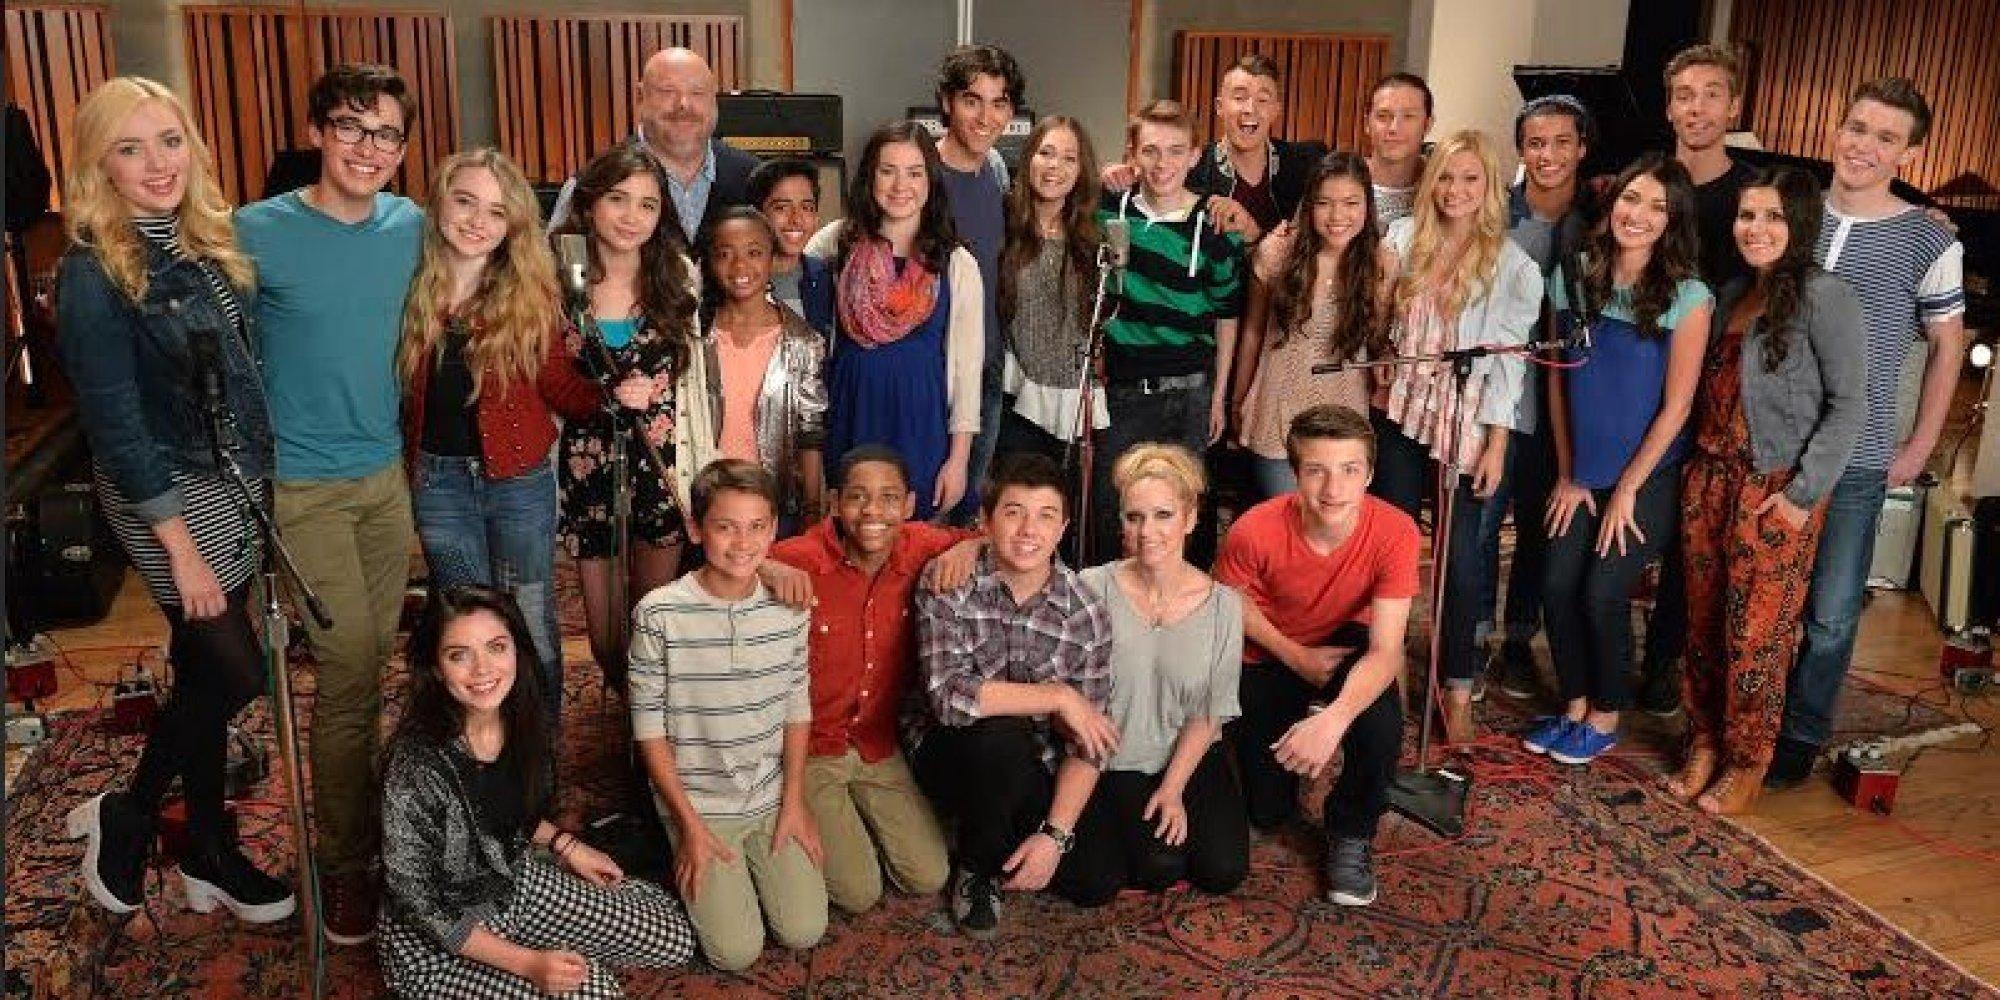 Disney Channel : une image, une série